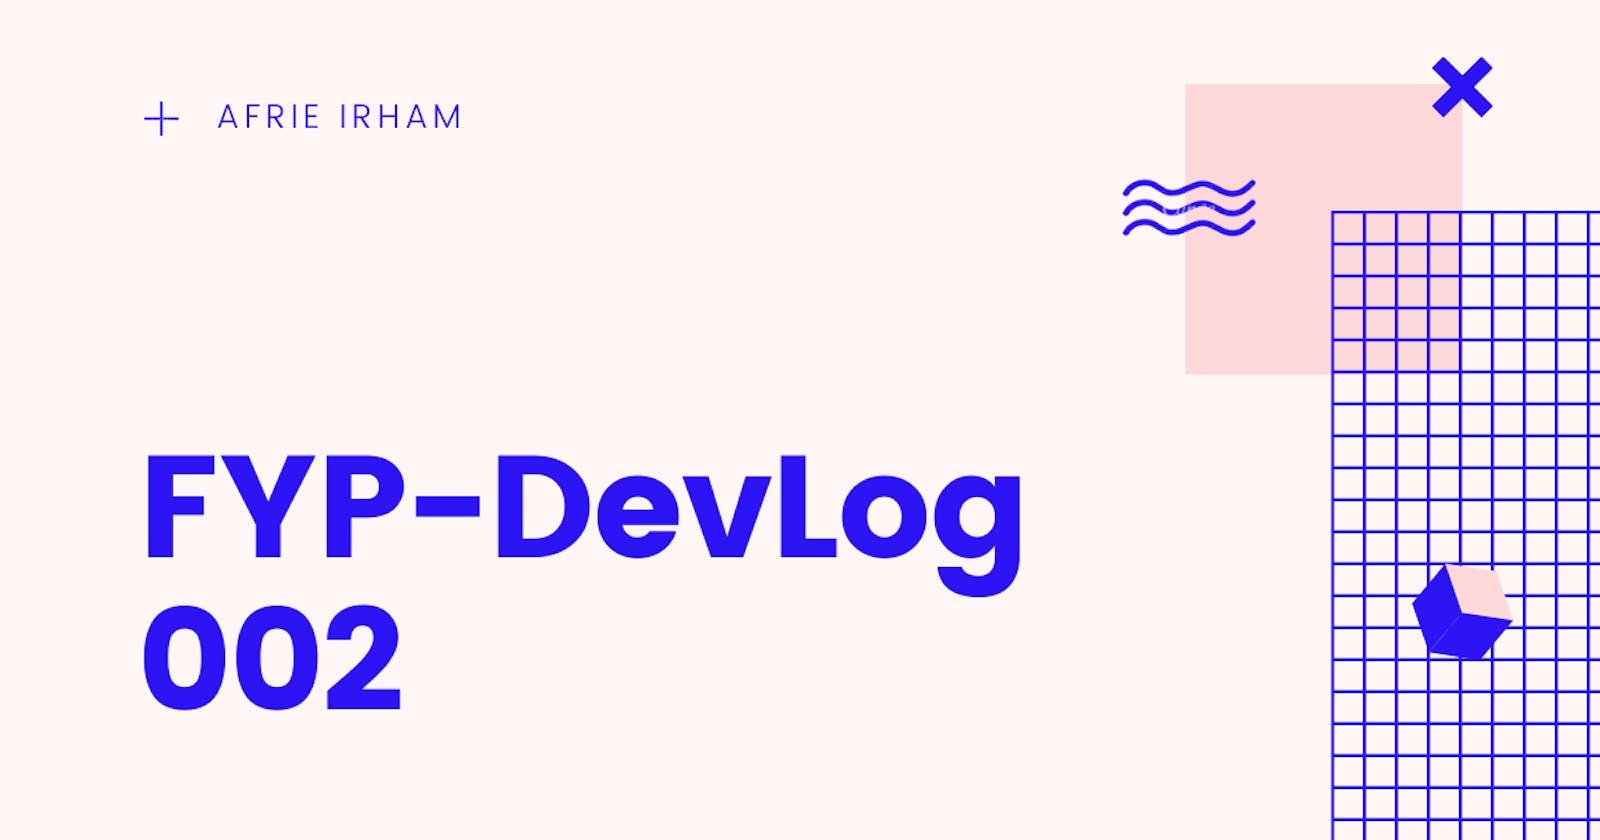 FYP-DevLog 002